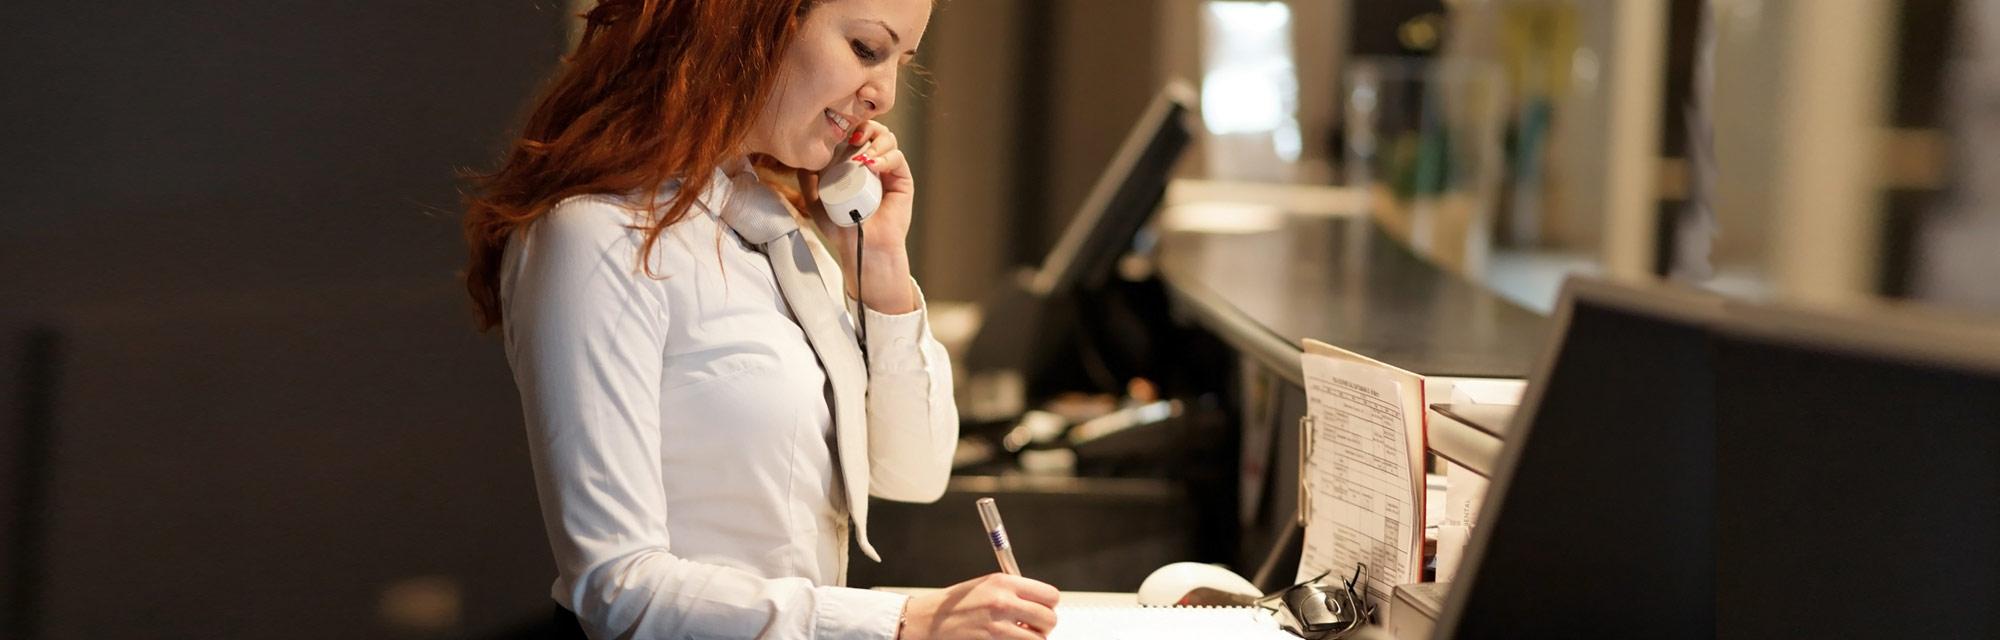 Work visa para trabajo remunerado en el extranjero